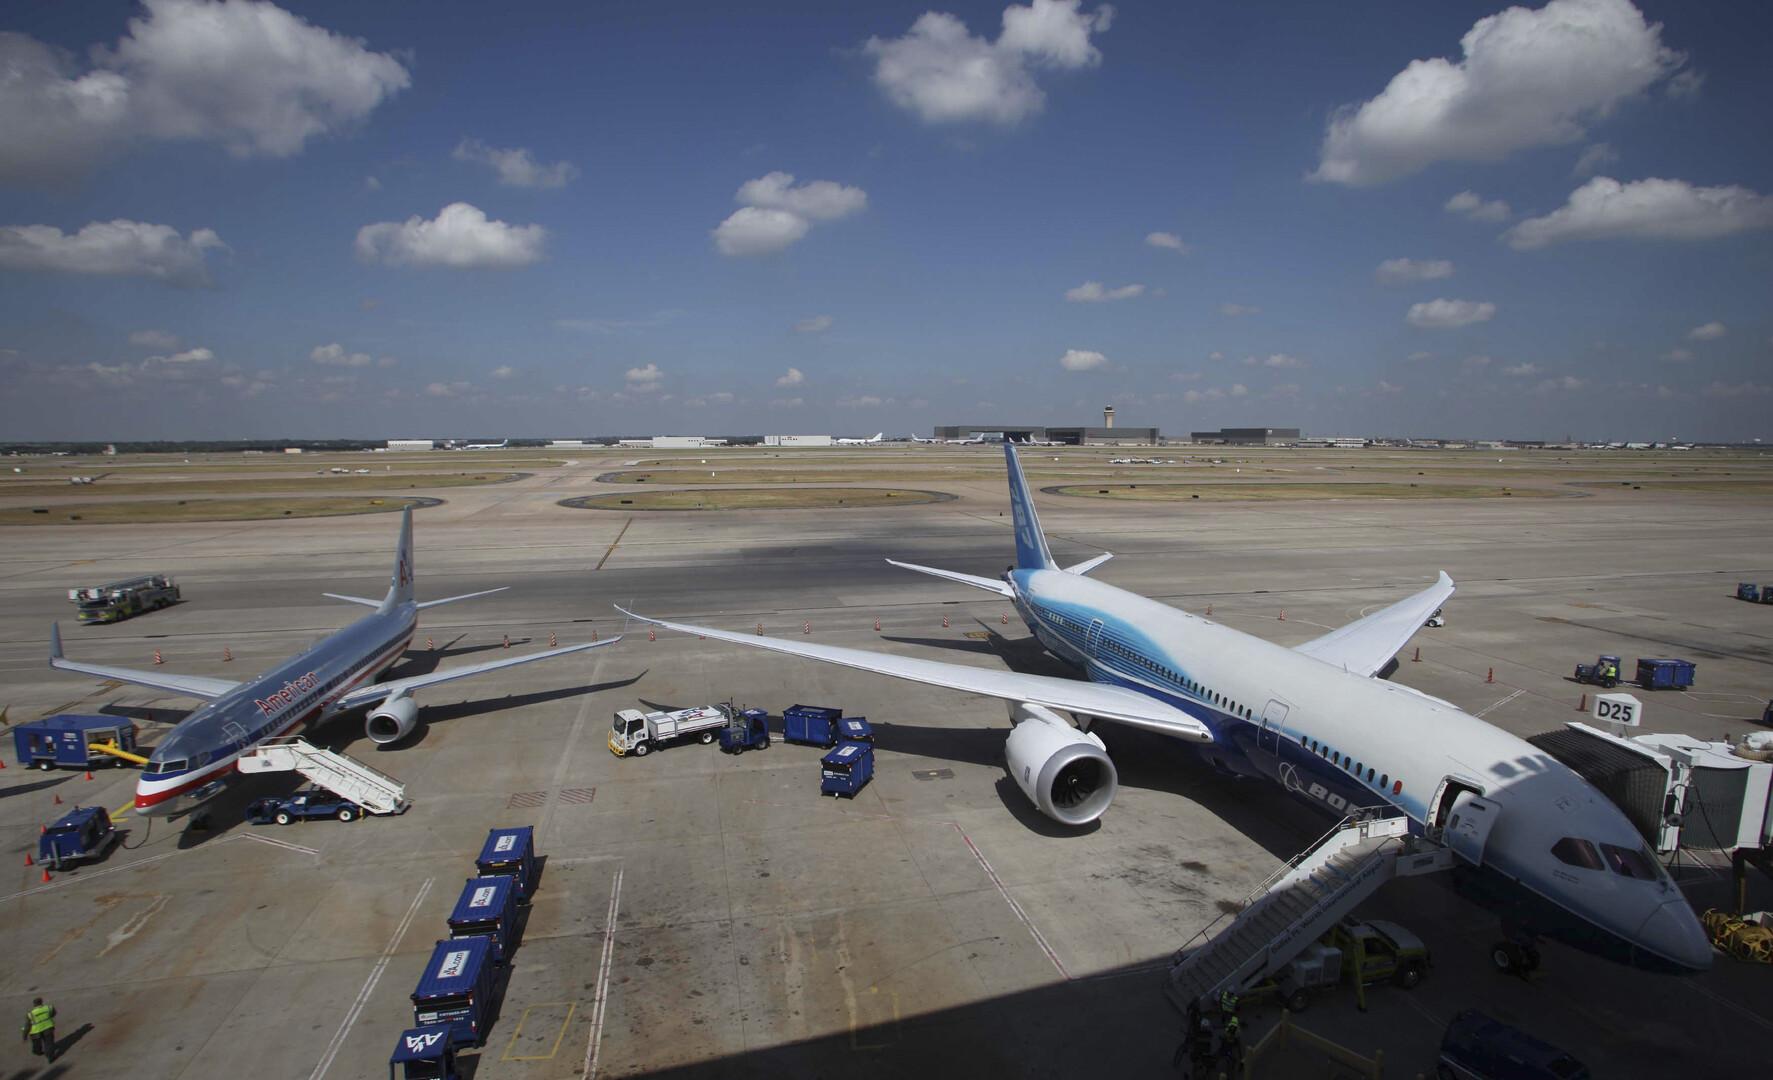 أكثر مطار تأخيرا في الرحلات الجوية على مستوى العالم